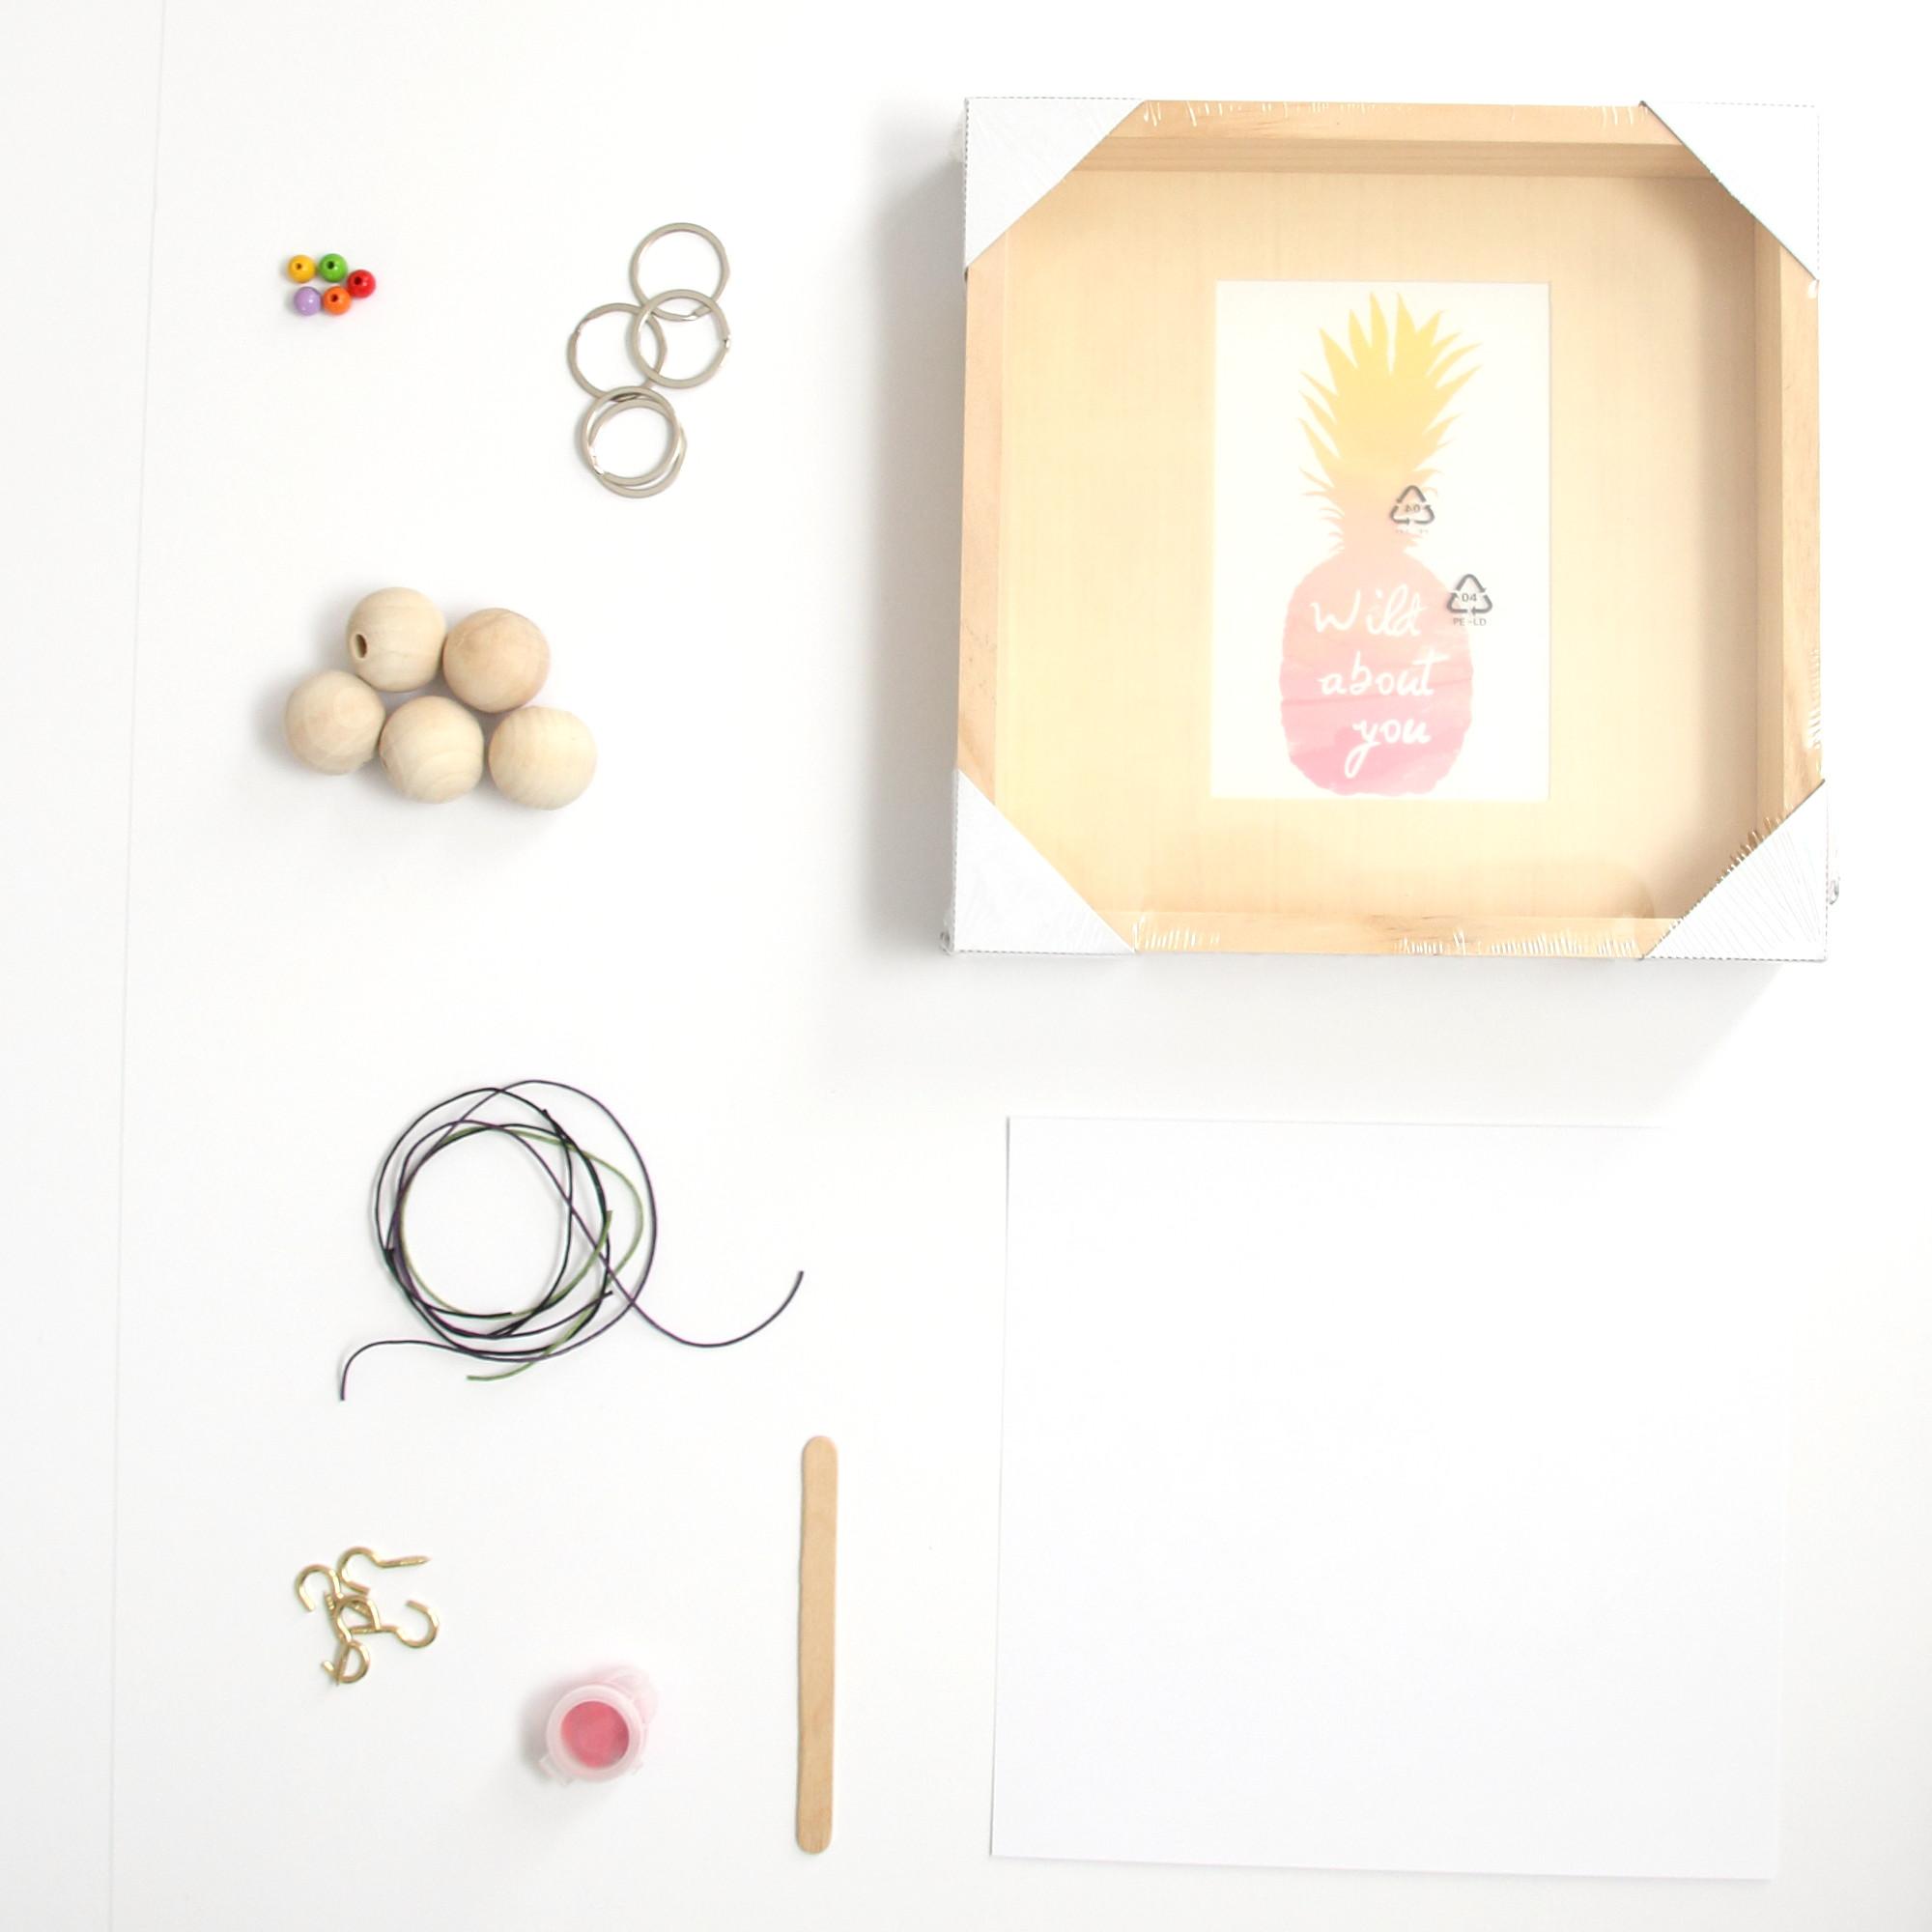 materiel-box-12